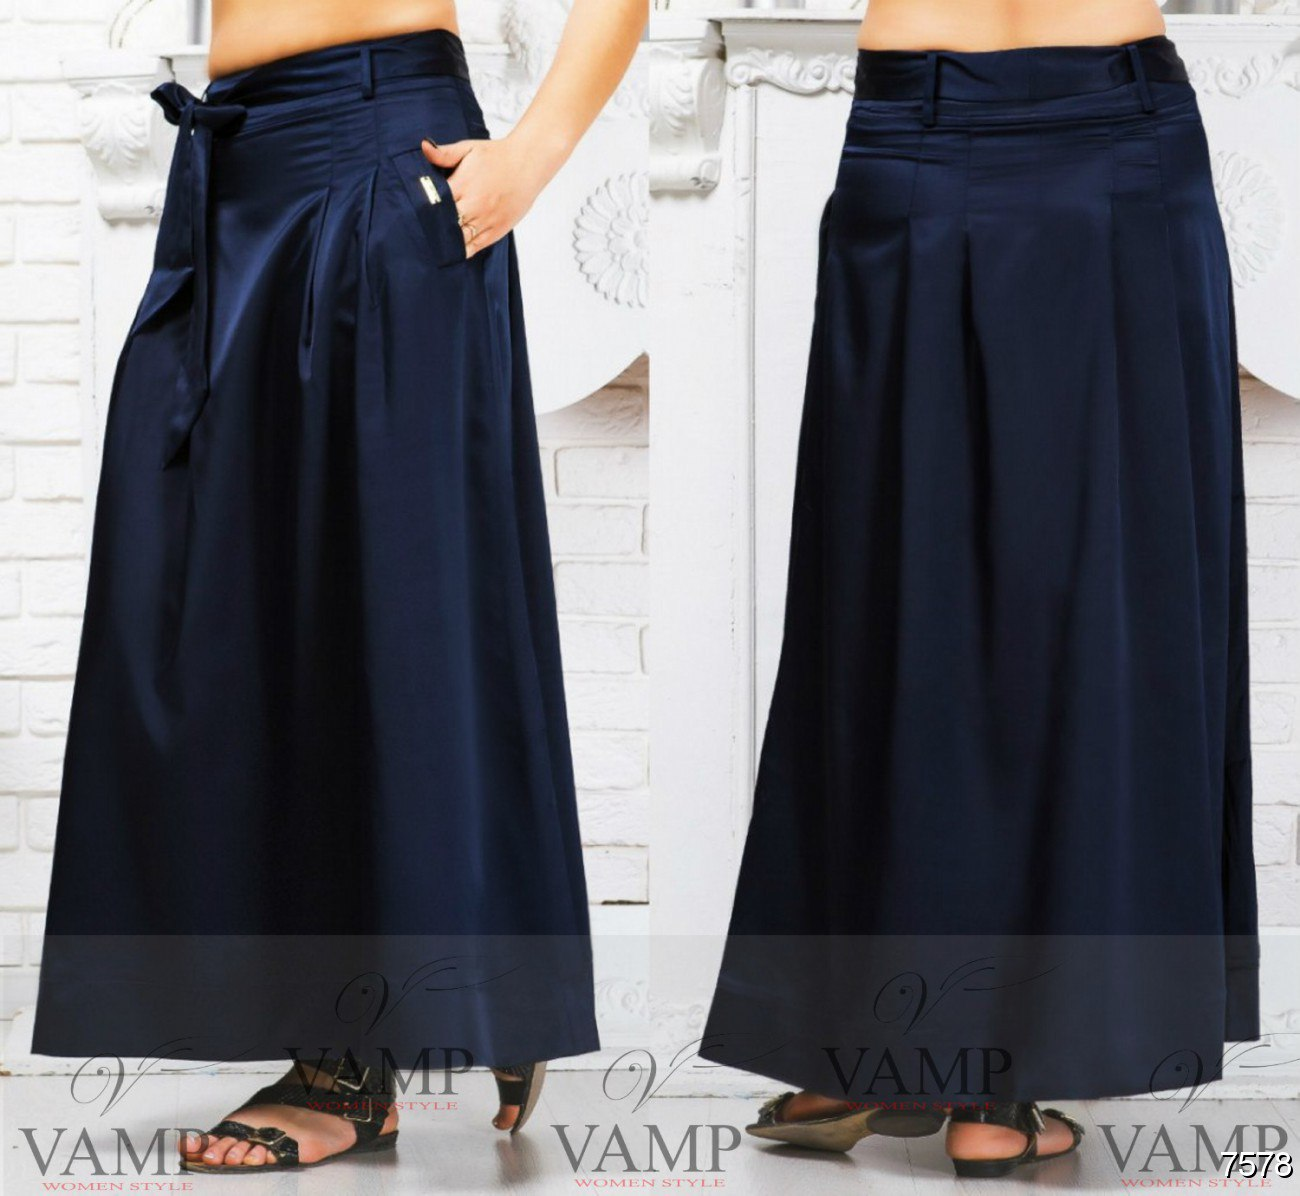 купить летнюю юбку большого размера в интернет магазине недорого